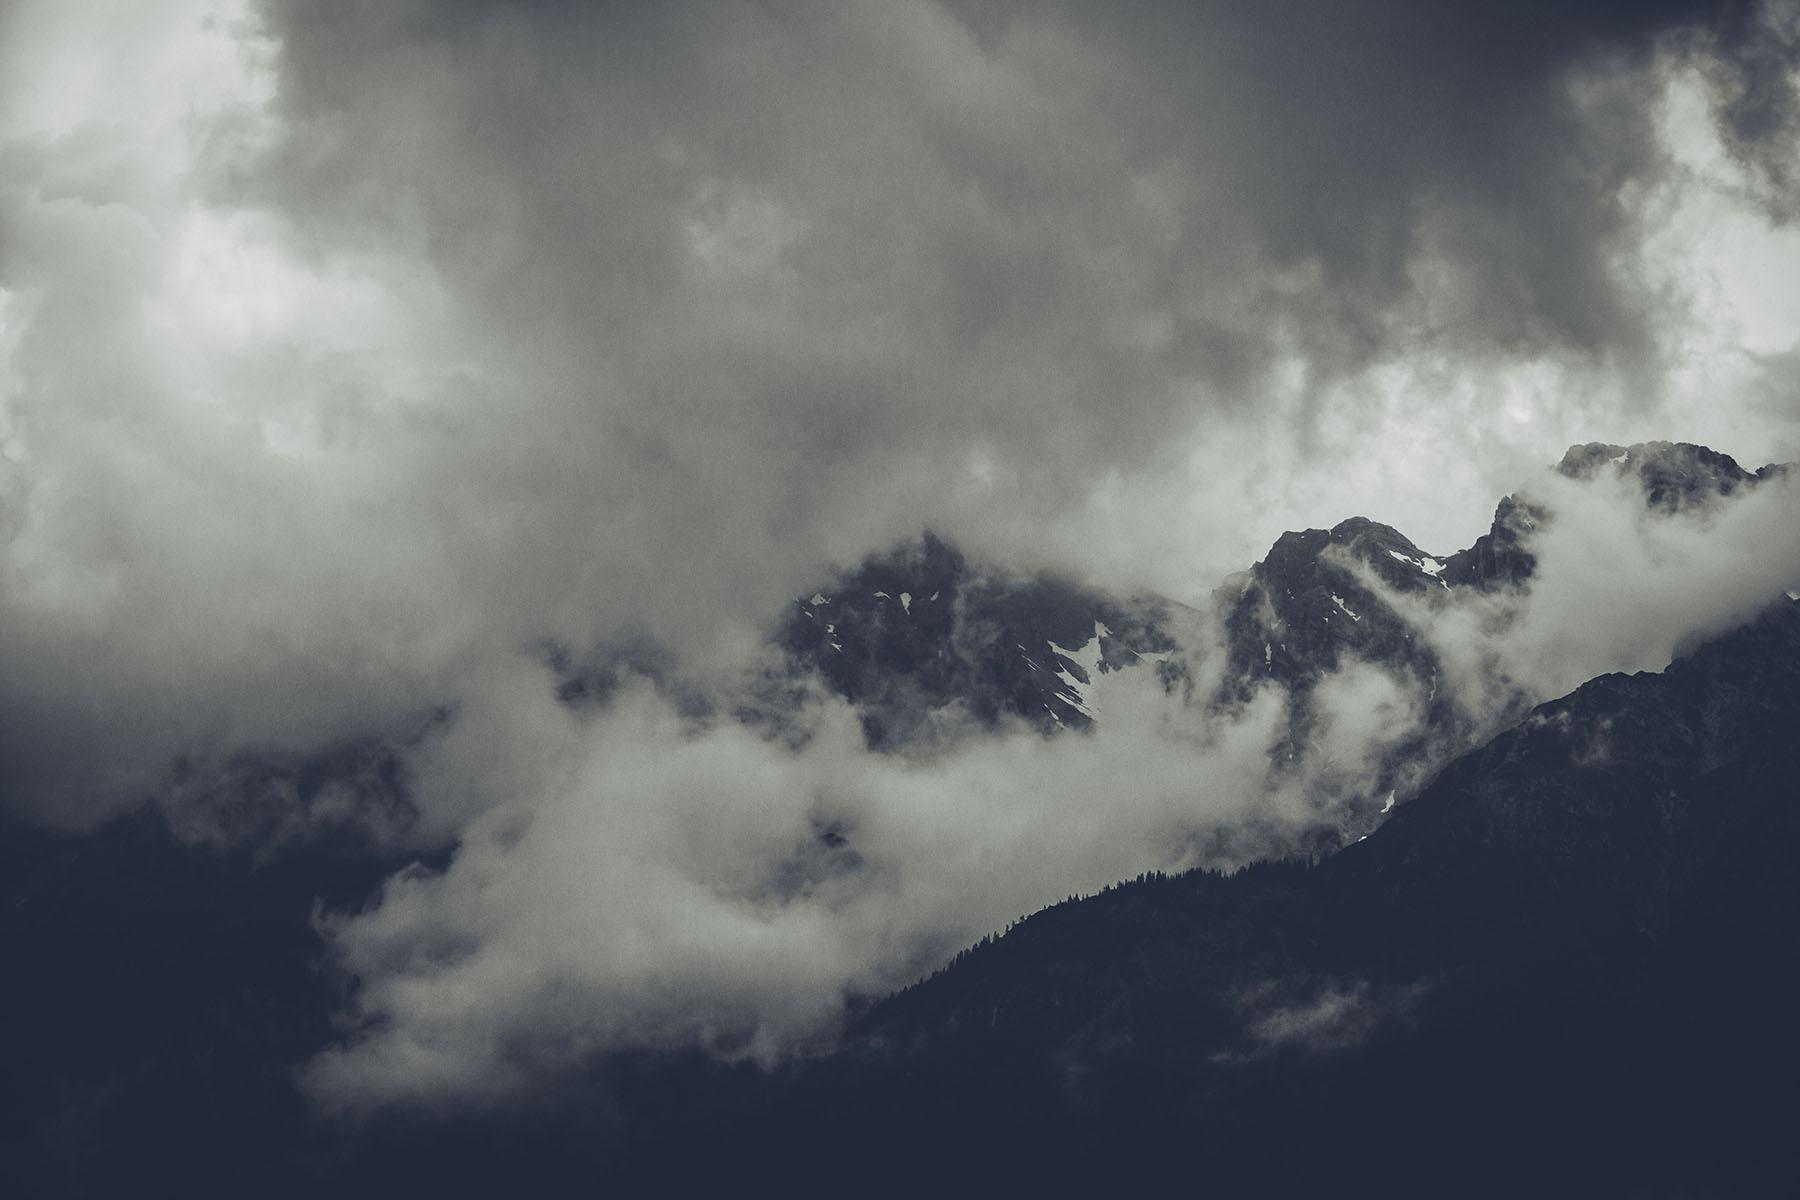 Aus dem Nichts zogen dunkle Wolken auf!